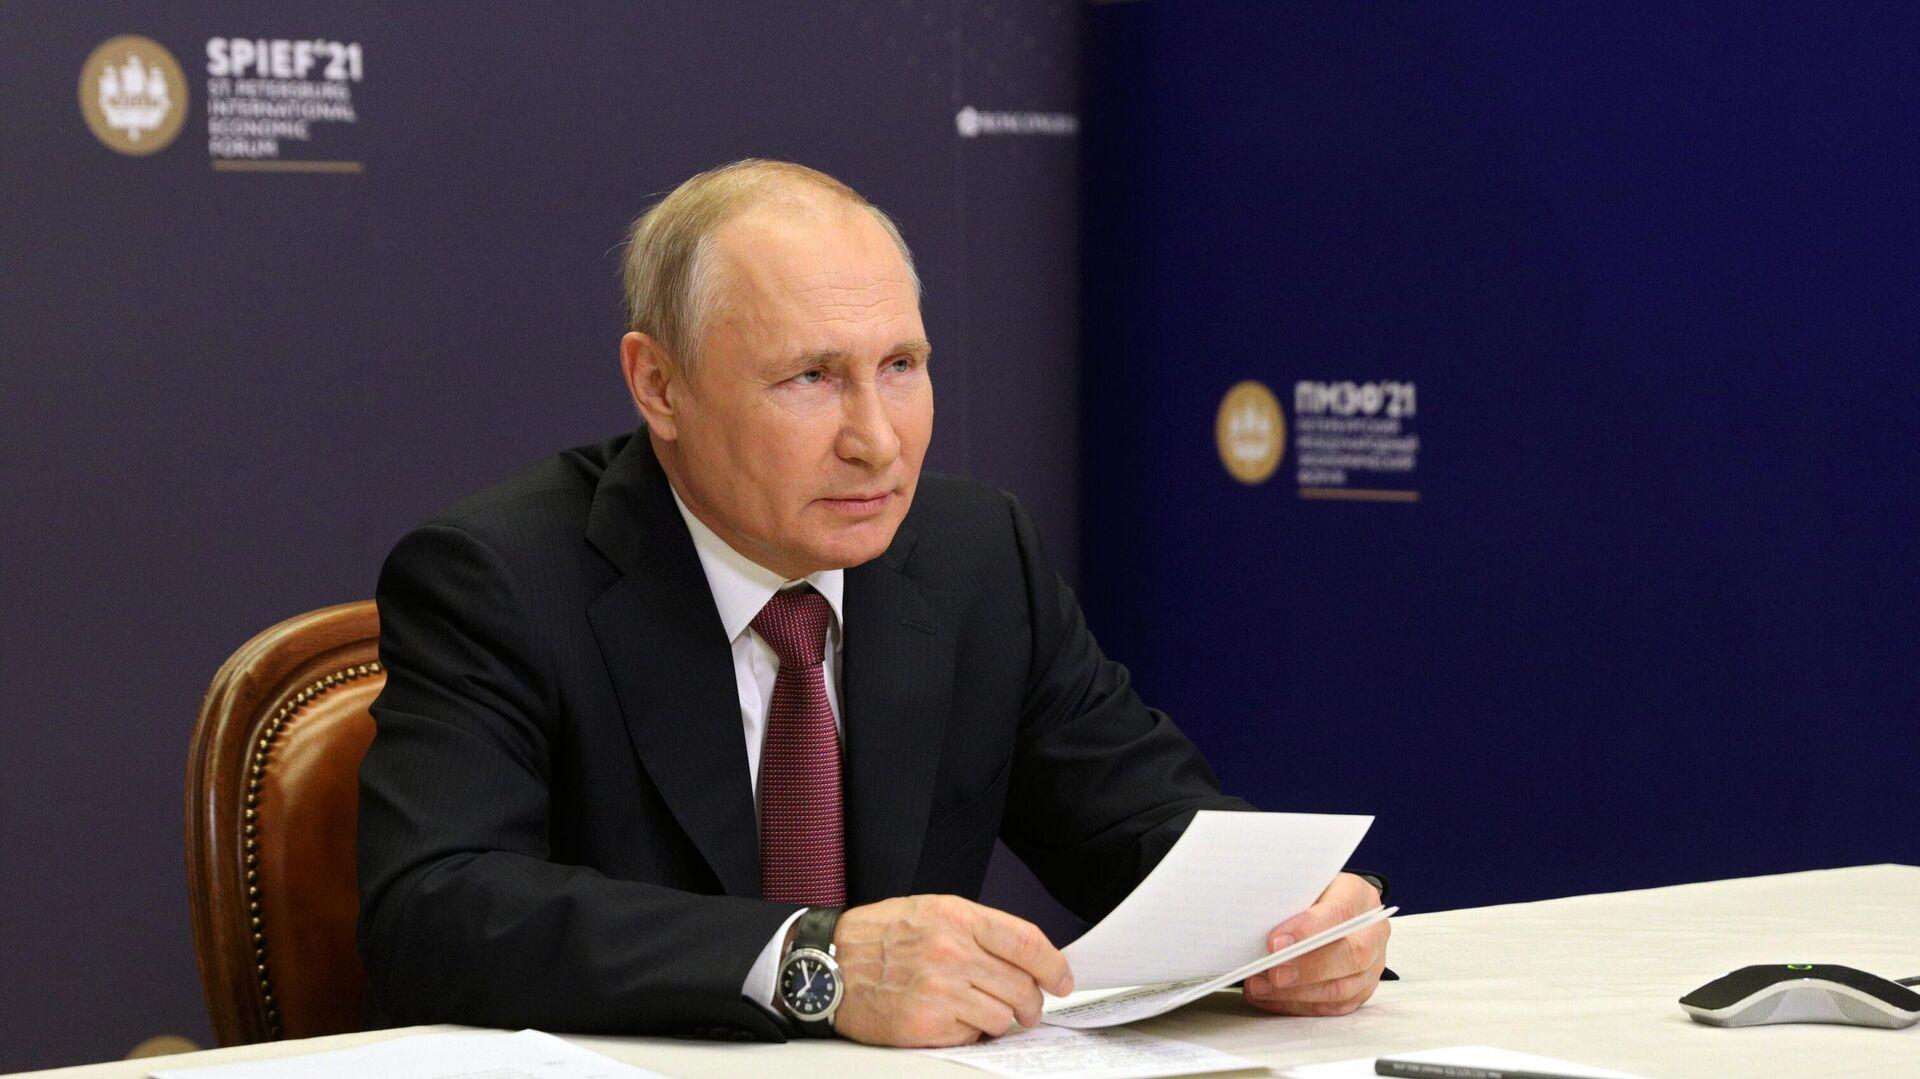 Путин не согласился с мнением о притеснении оппозиции и СМИ